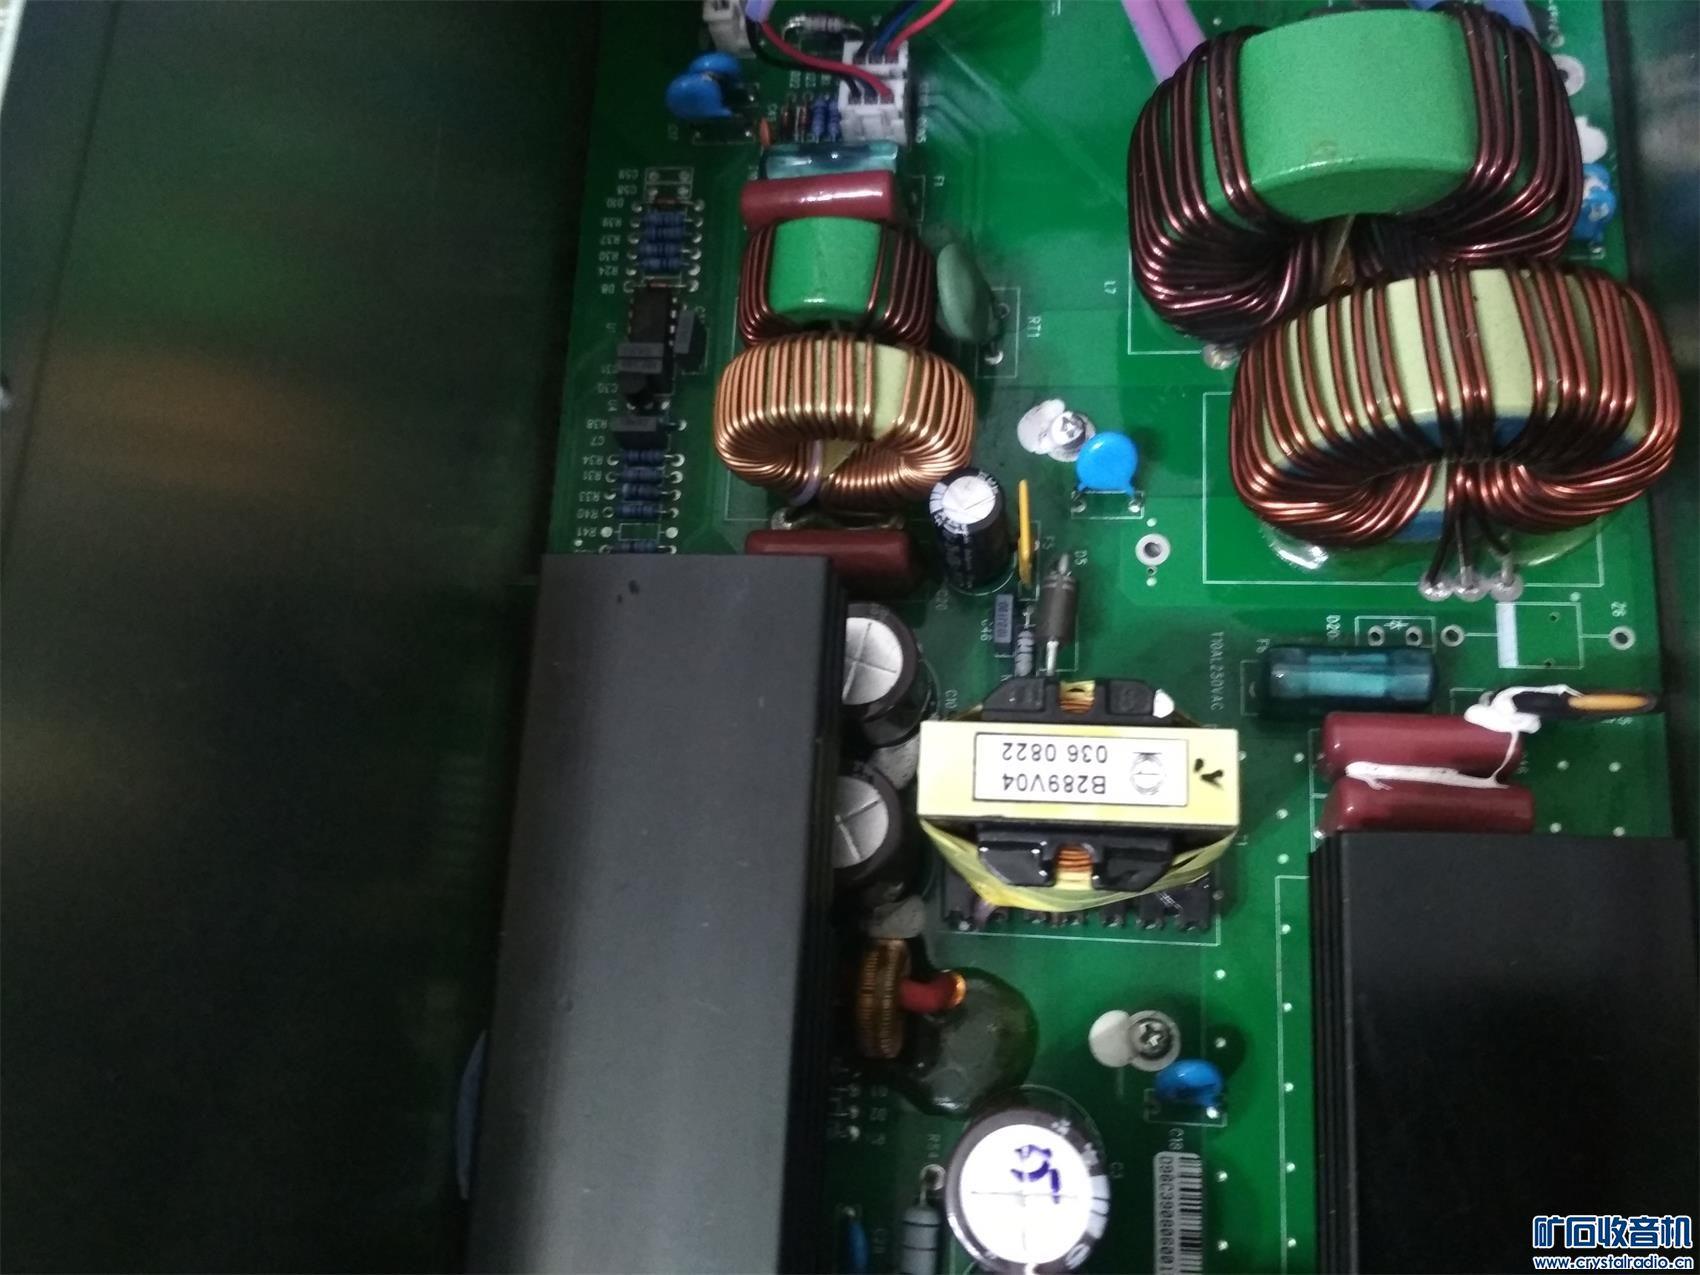 3967号大功率dc-dc电路(工作正常)加漂亮机箱90元 (10).jpg